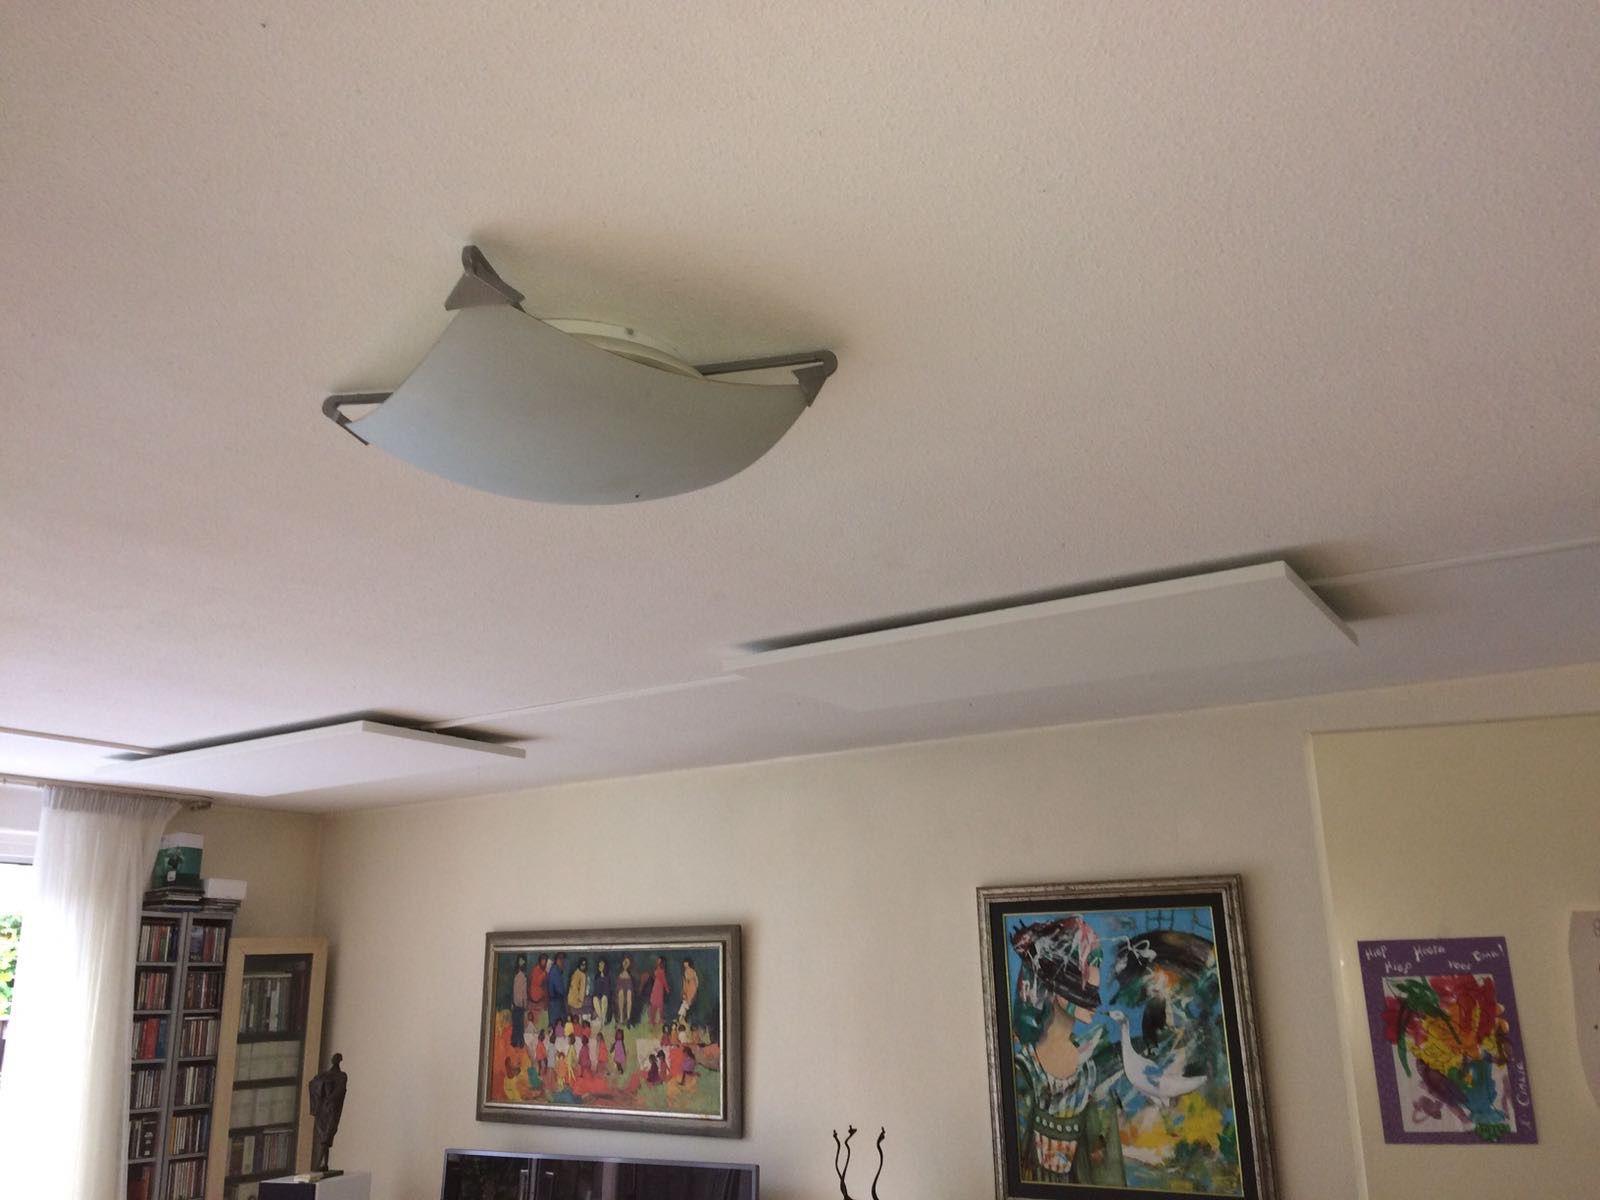 Beste Bijverwarming Woonkamer : Infrarood bij of hoofdverwarming woonkamer holland infrarood